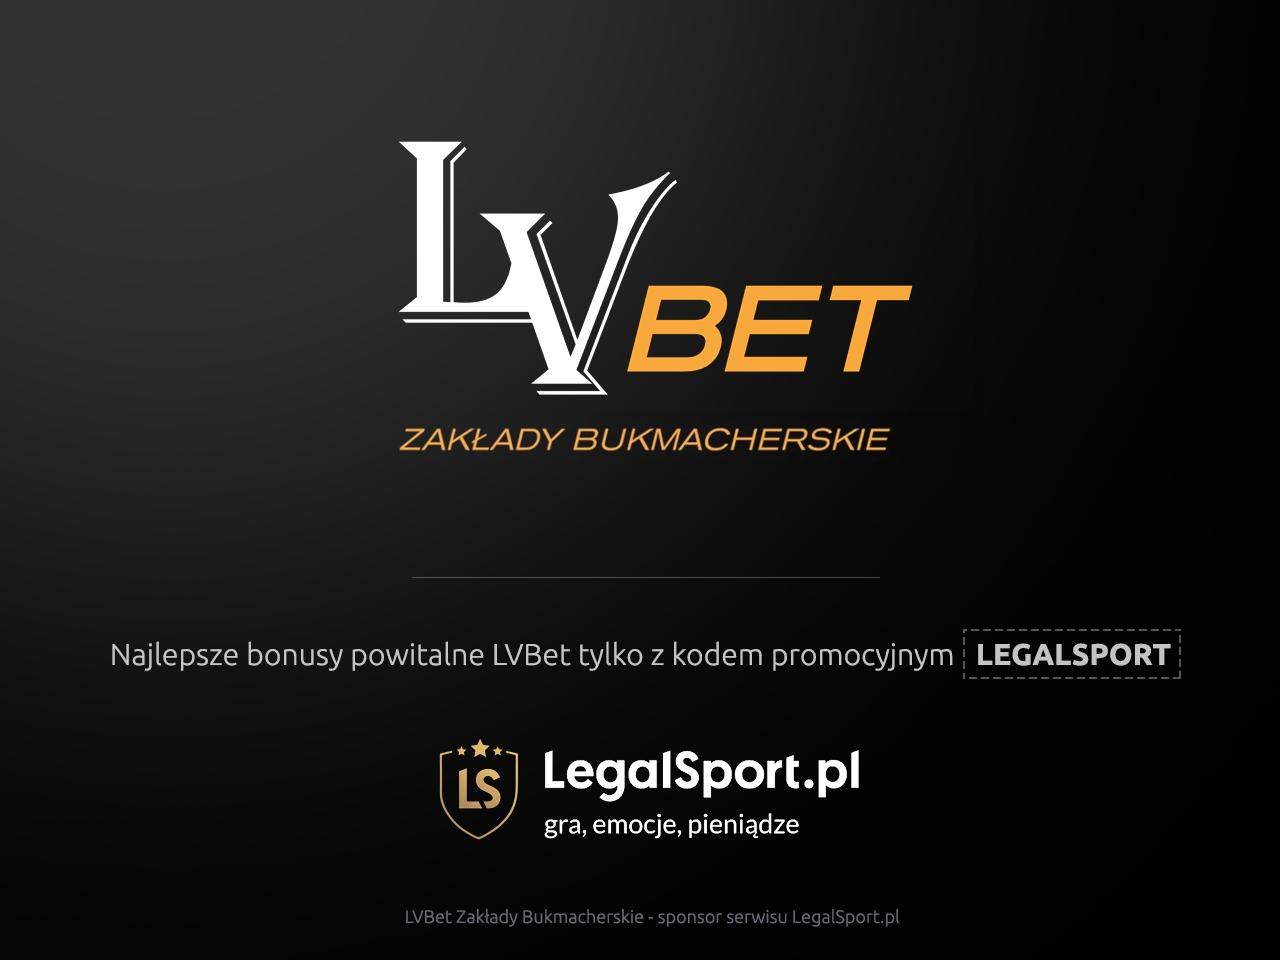 LVbet Zakłady Bukmacherskie - operator z licencją MF